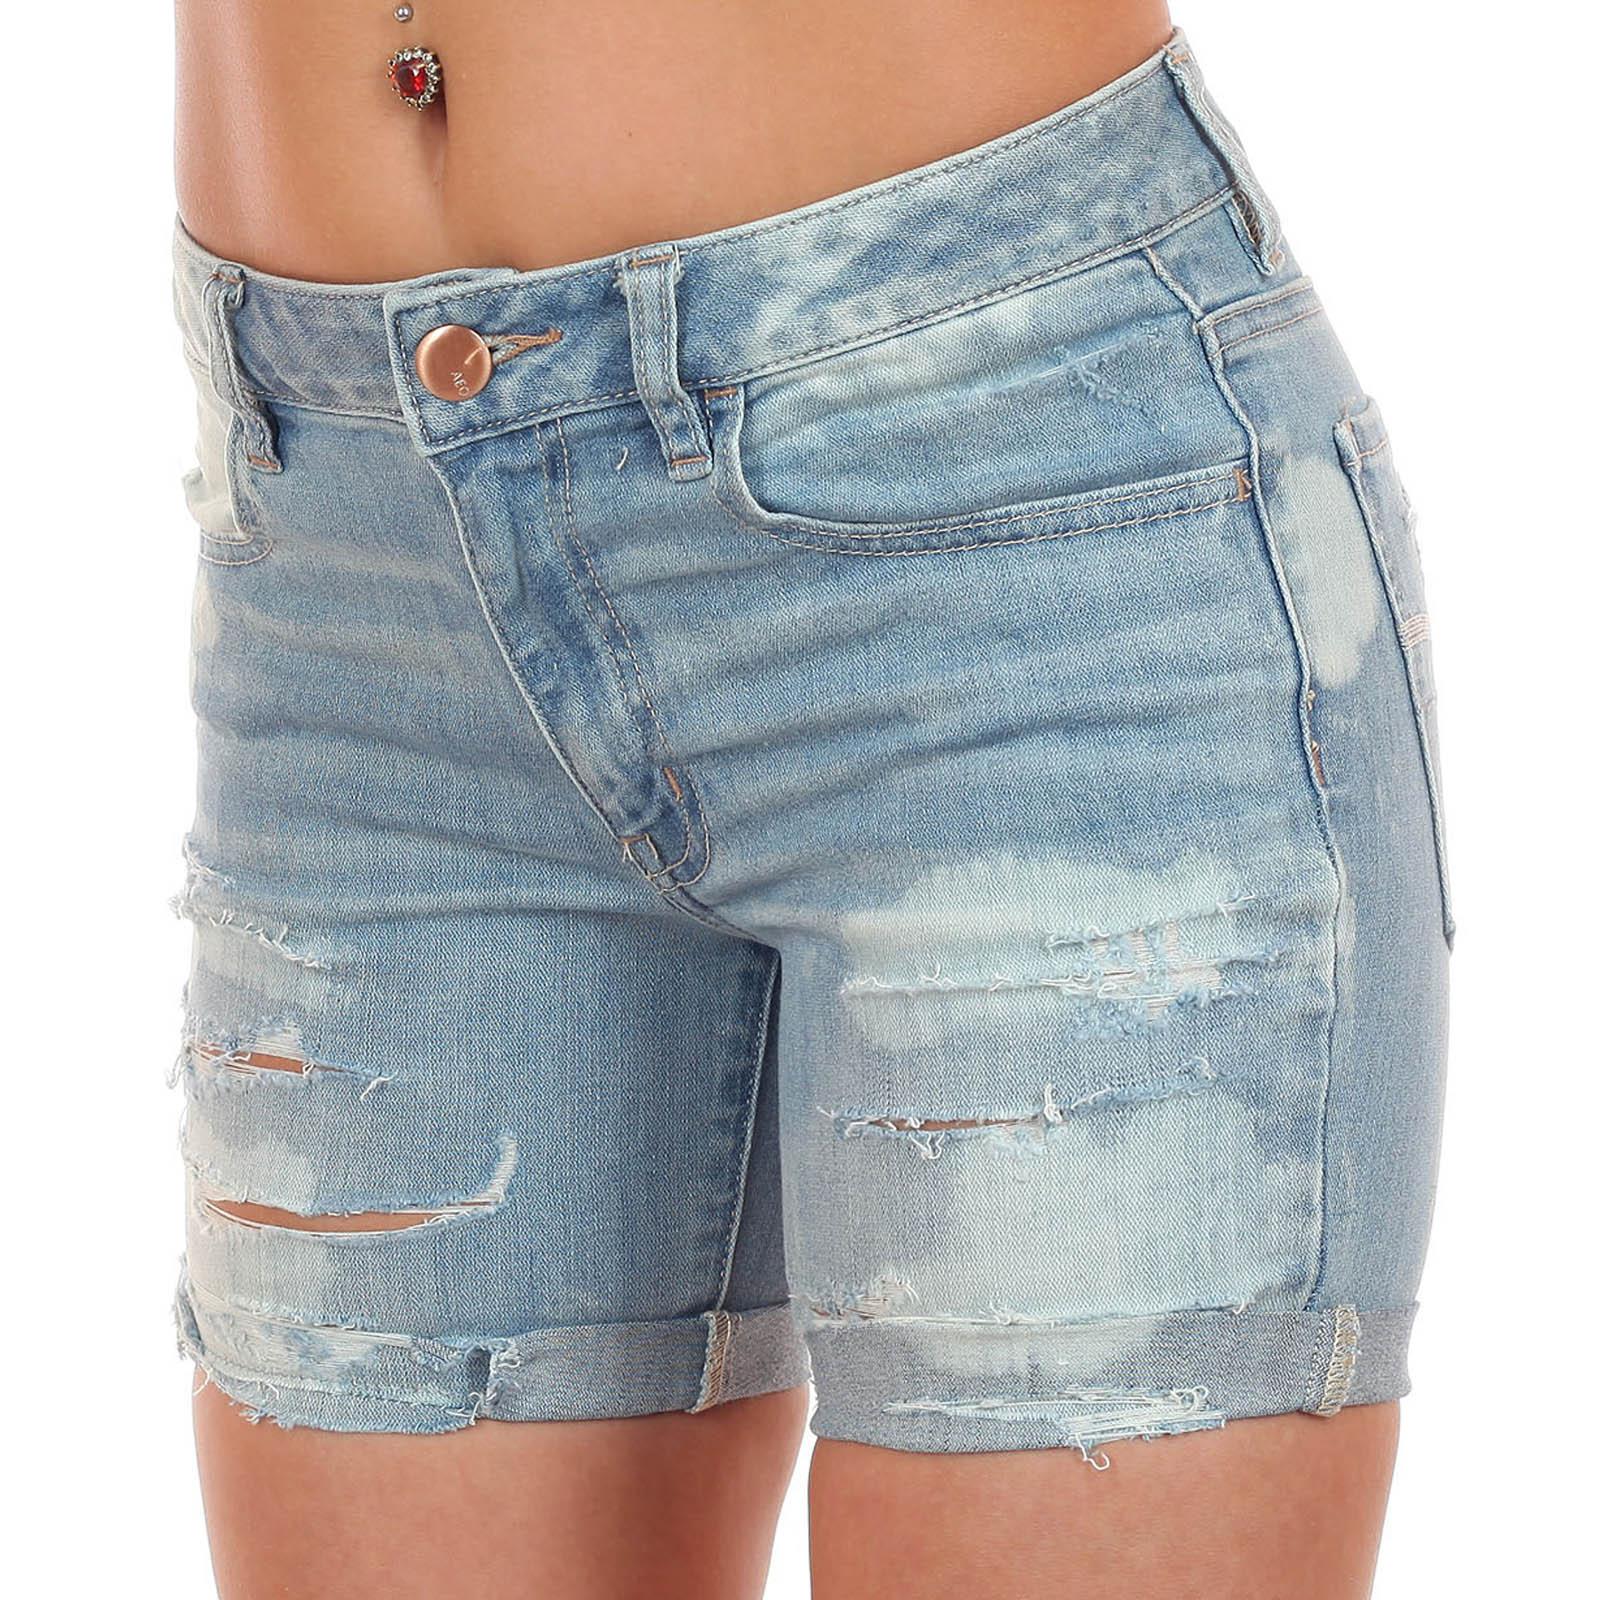 Дешевые джинсовые шорты для женщин и девушек. Опт и розница